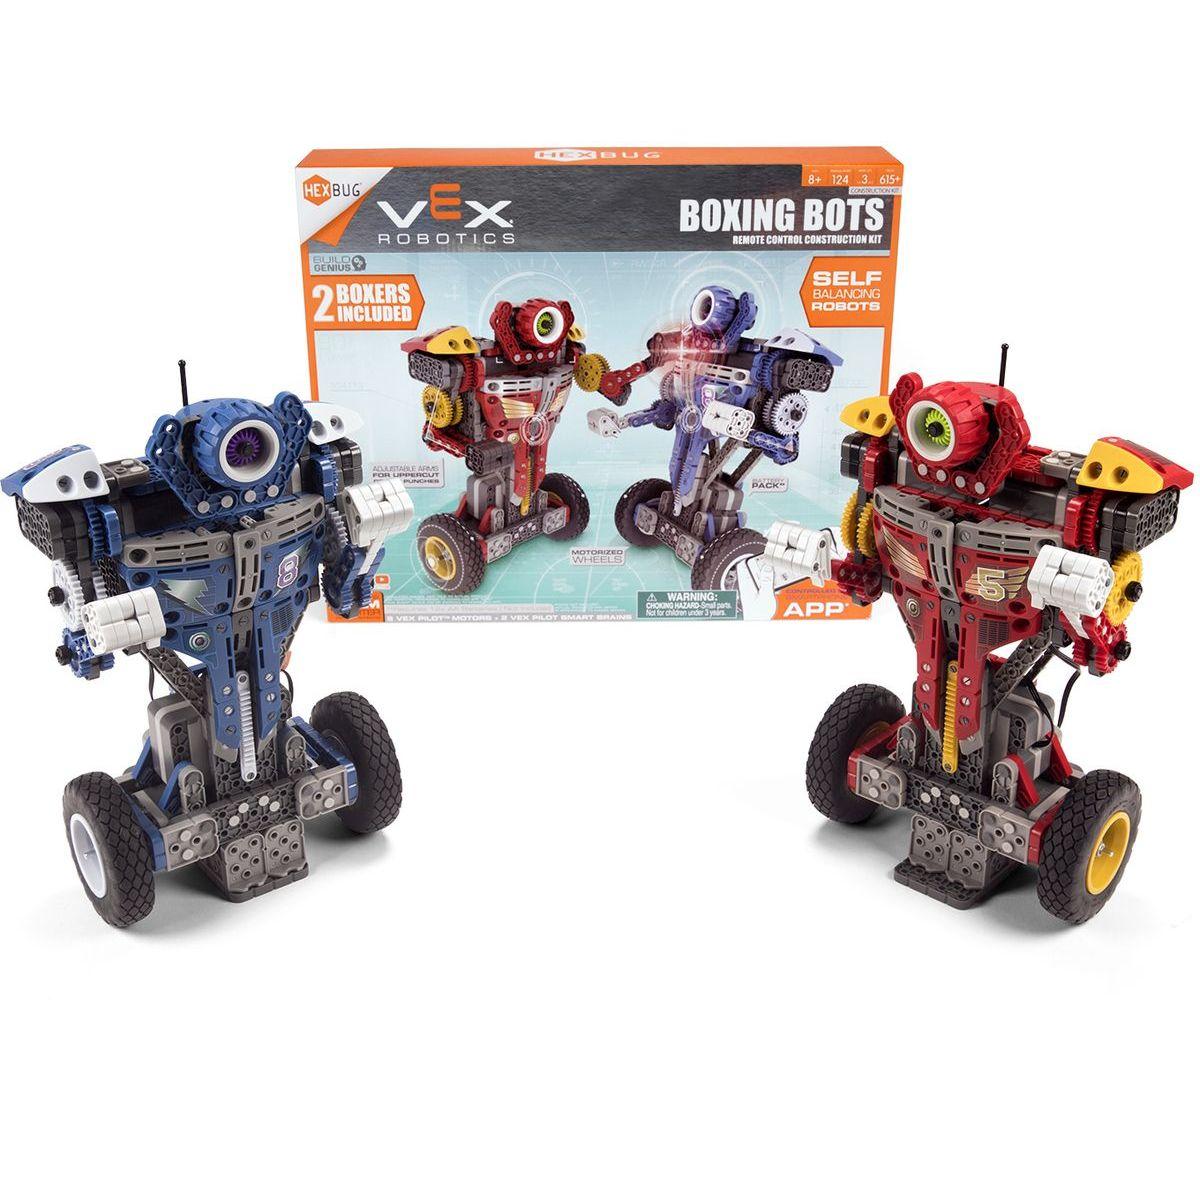 Hexbug Vex Robotics Boxující roboti 2 ks